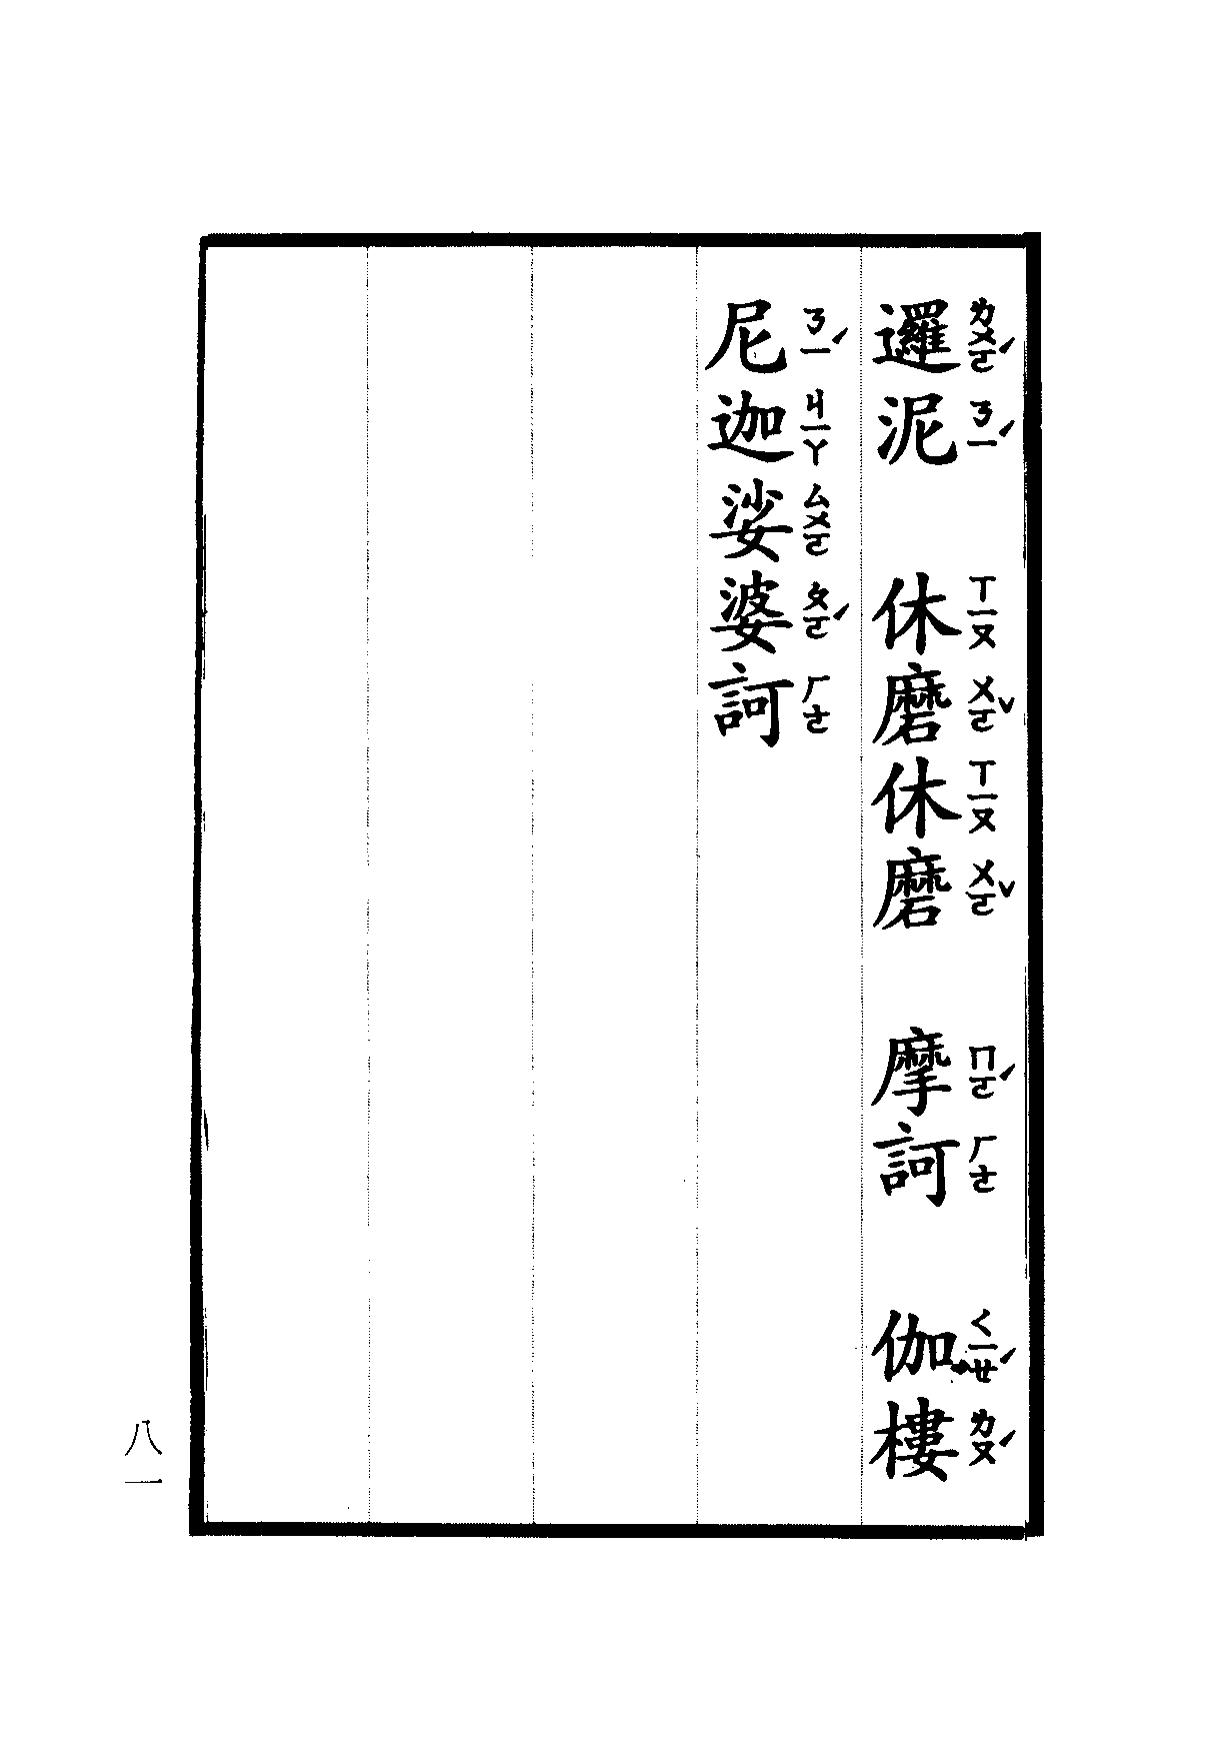 楞嚴咒-大悲咒-十小咒-易背本 87.png